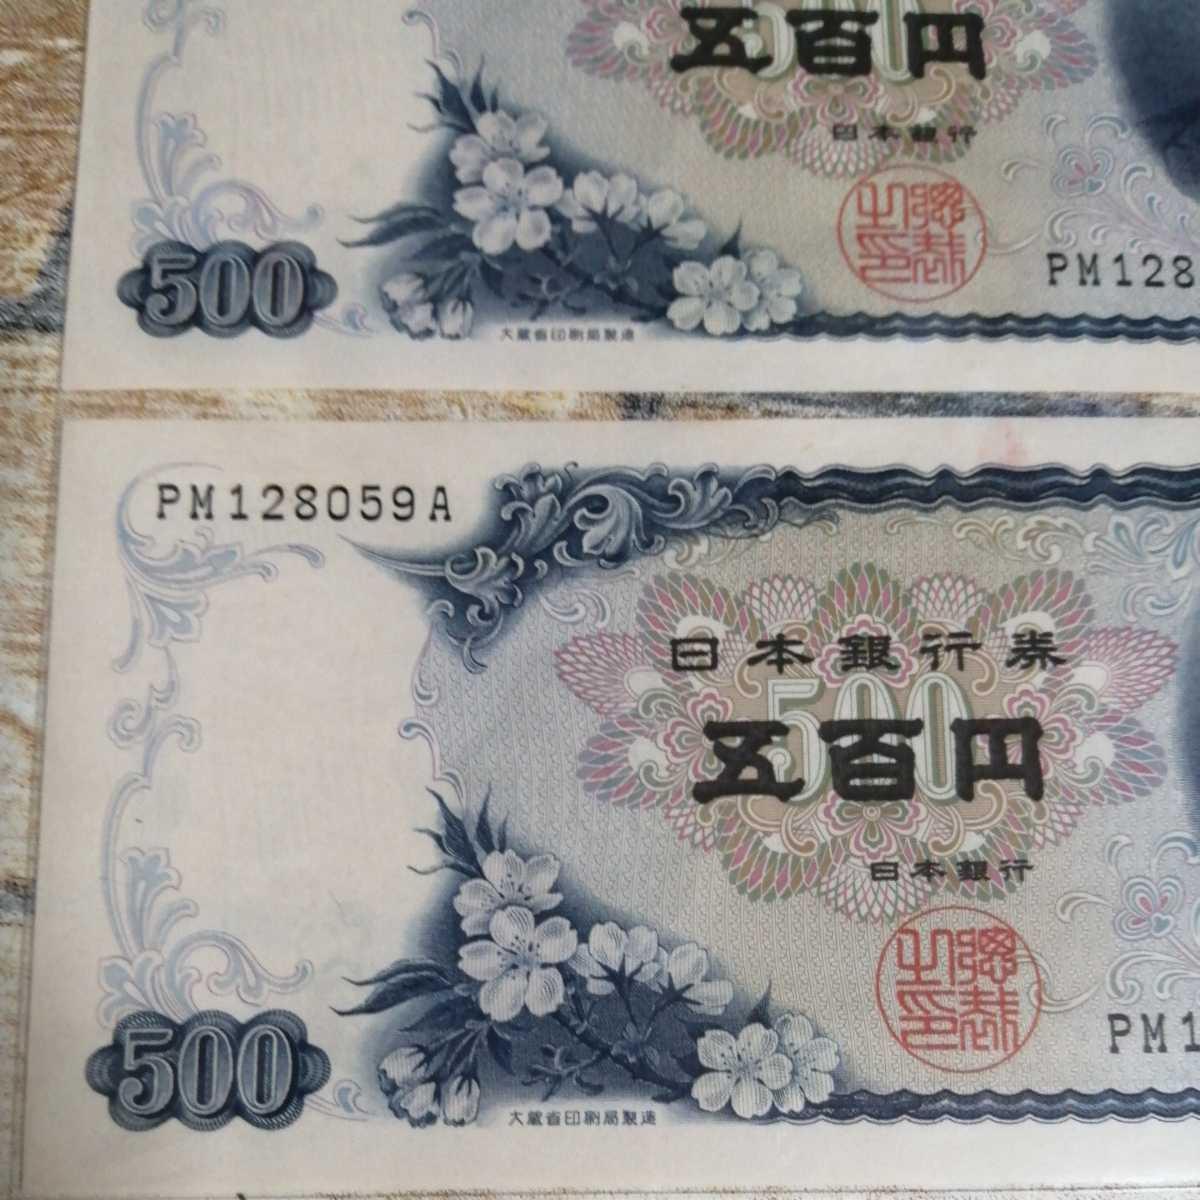 岩倉具視 500円札 五百円札 旧紙幣 日本銀行券 連番 未使用_画像4